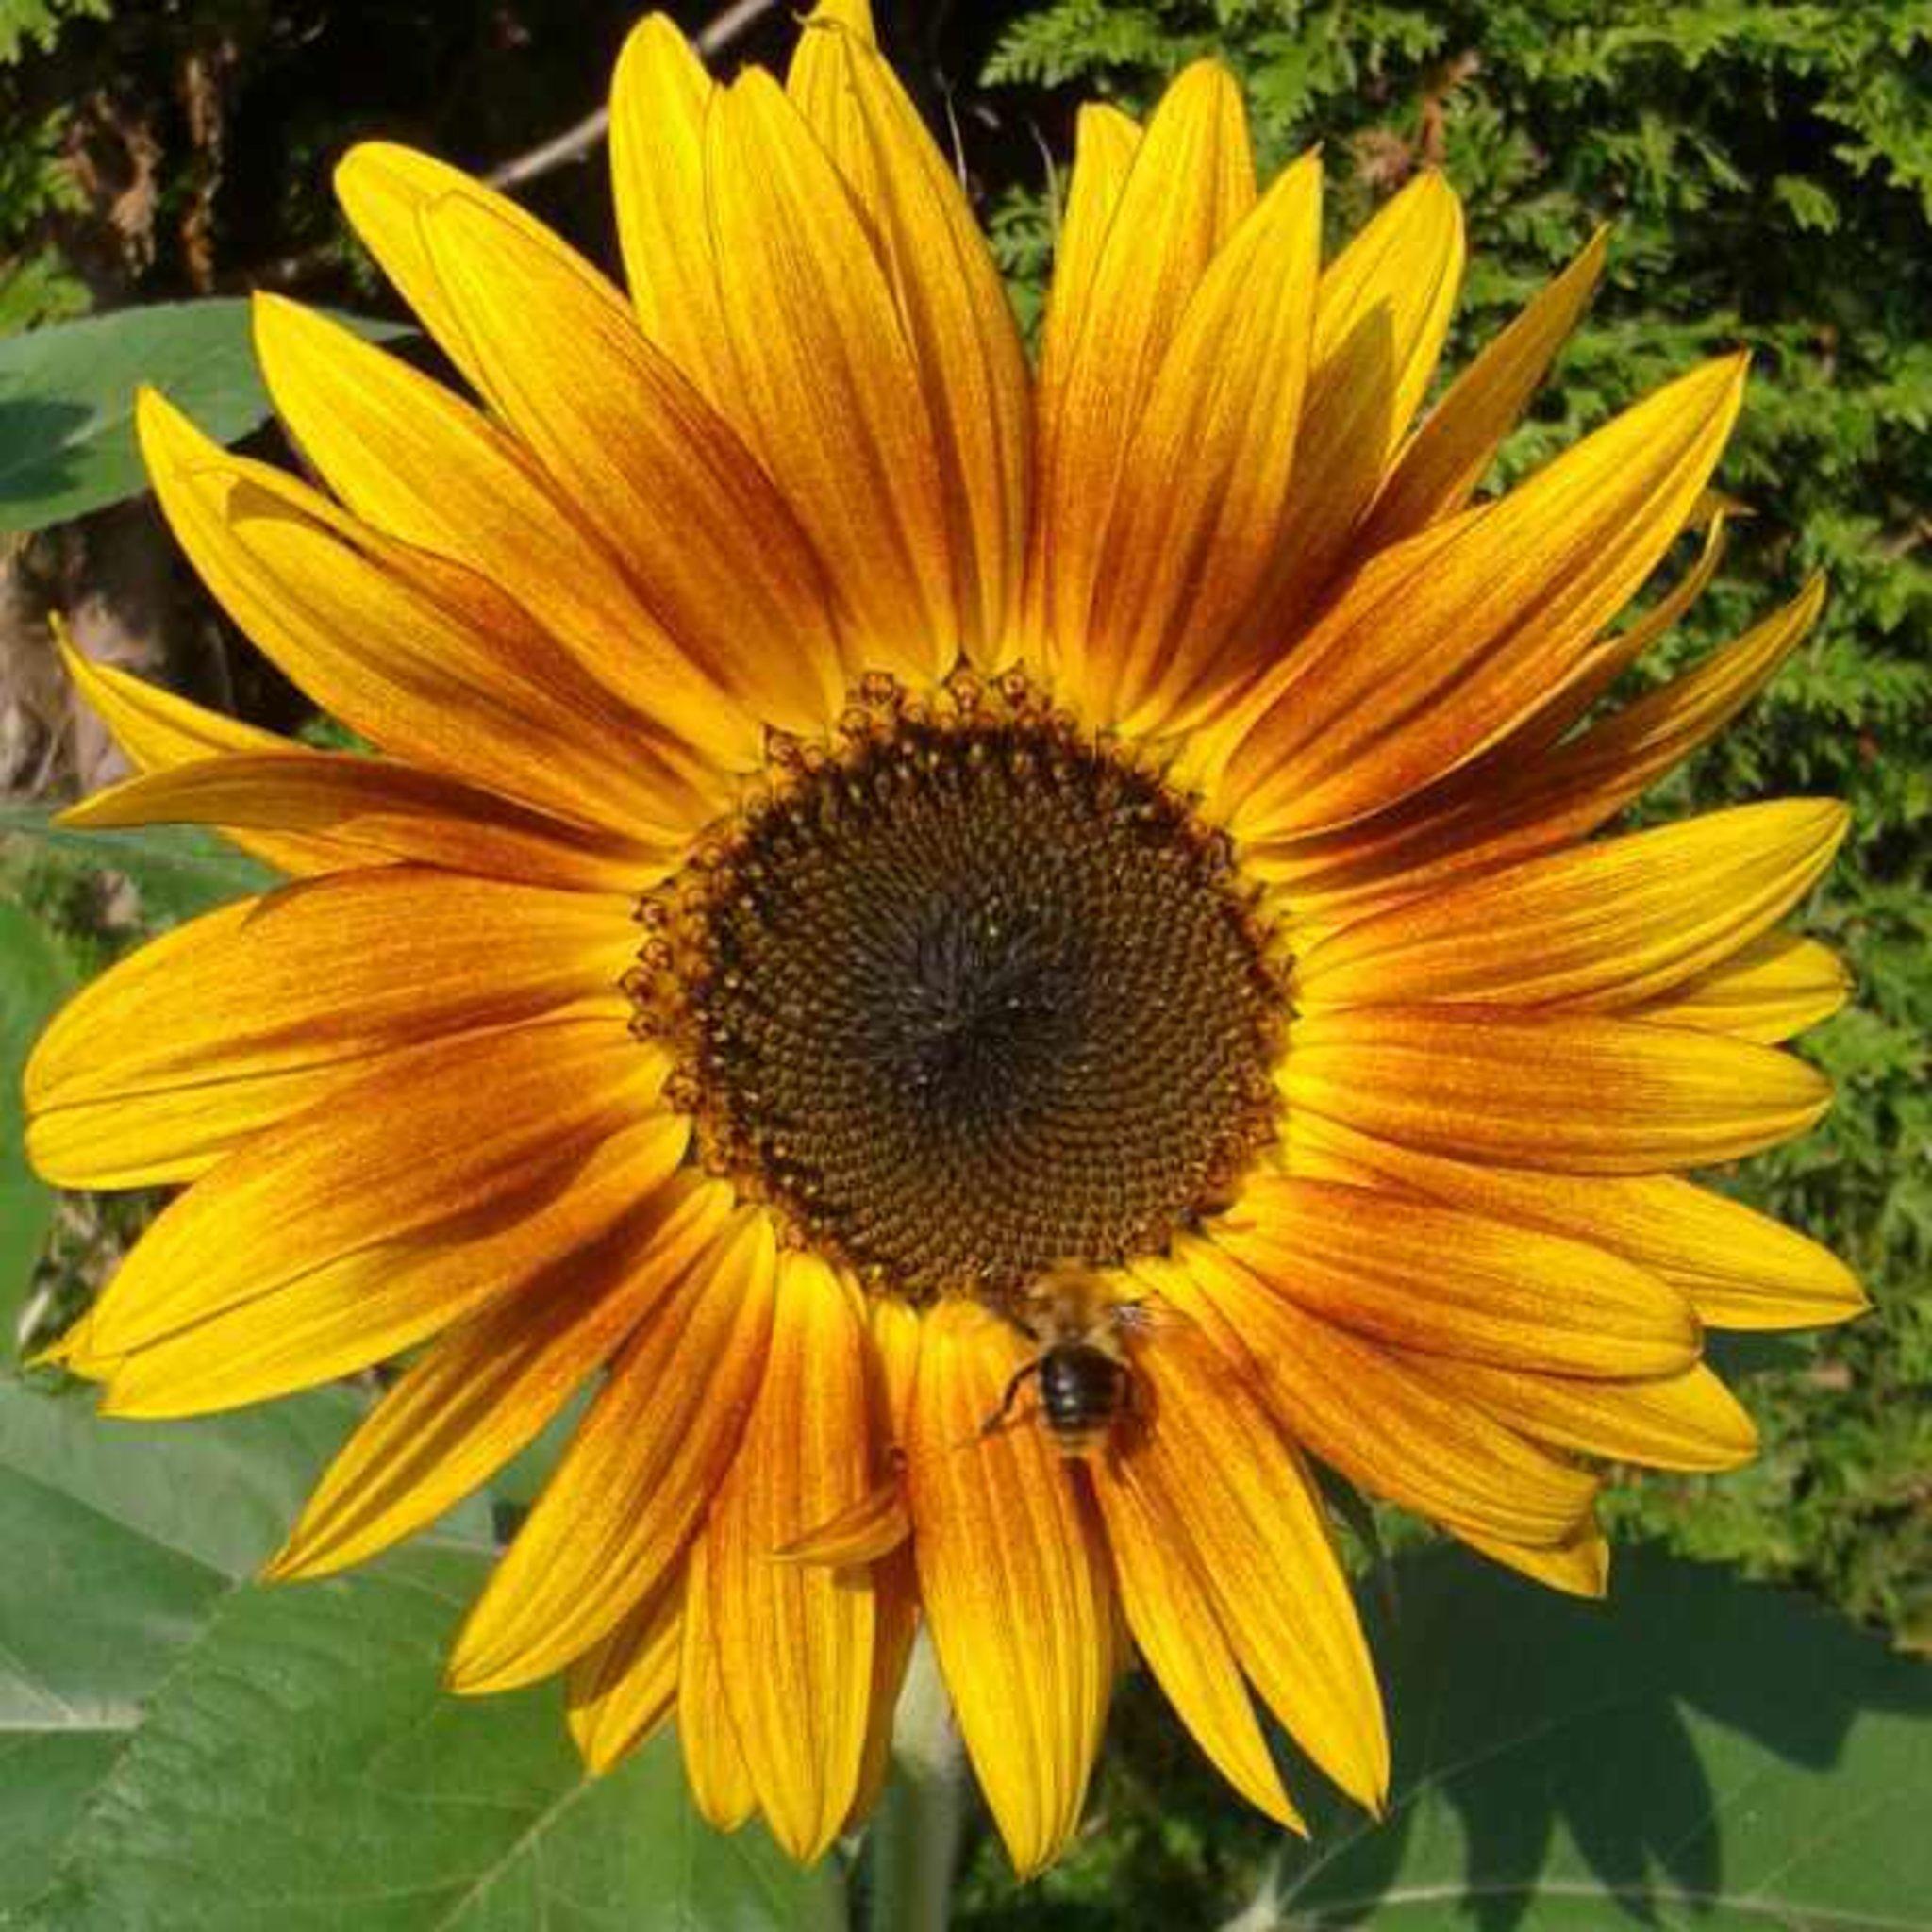 Zeit Für Eine Sonnenblume Einen Guten Start Ins